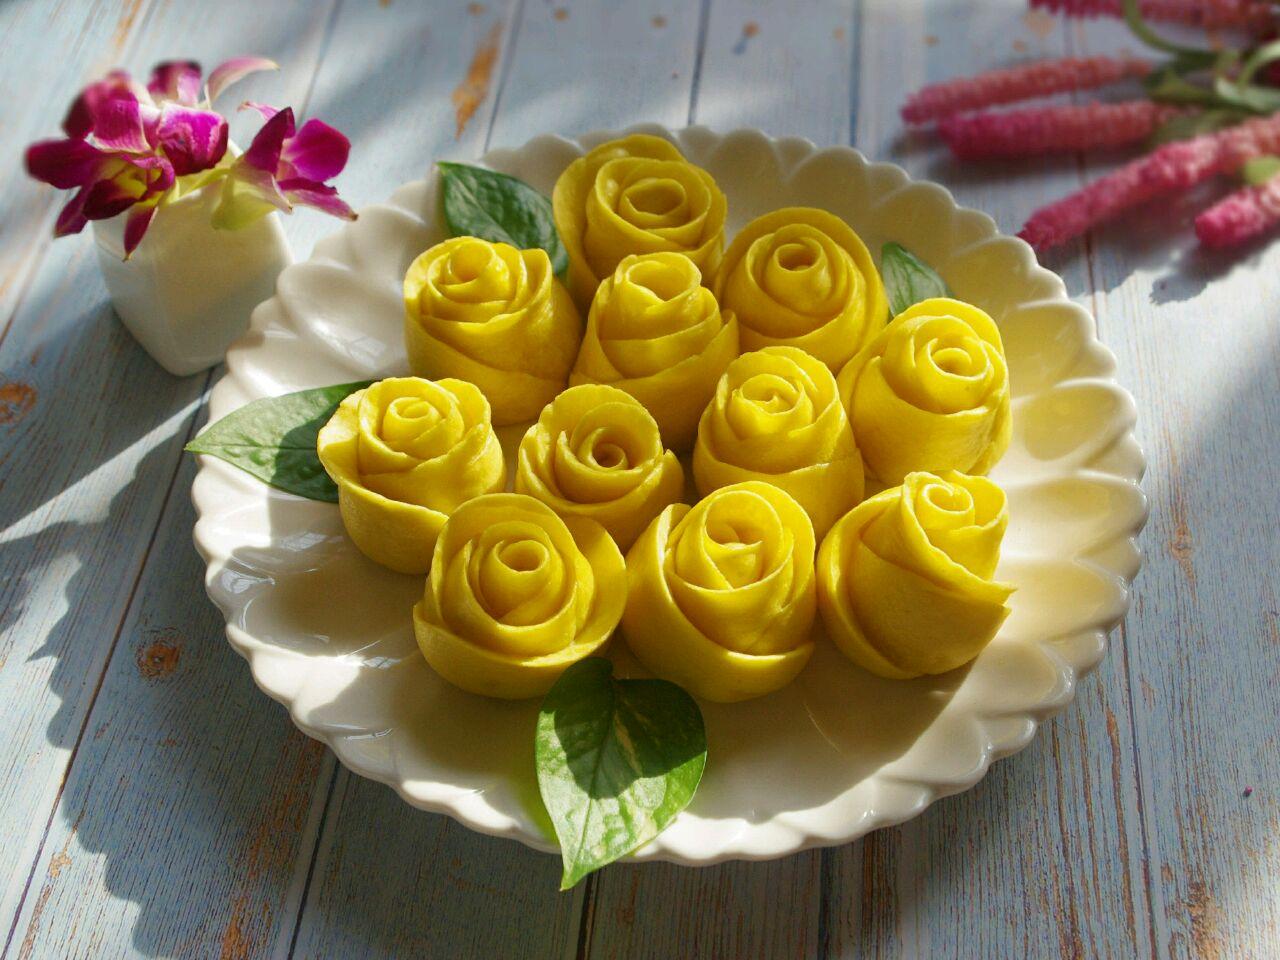 南瓜玫瑰花馒头的做法图解21